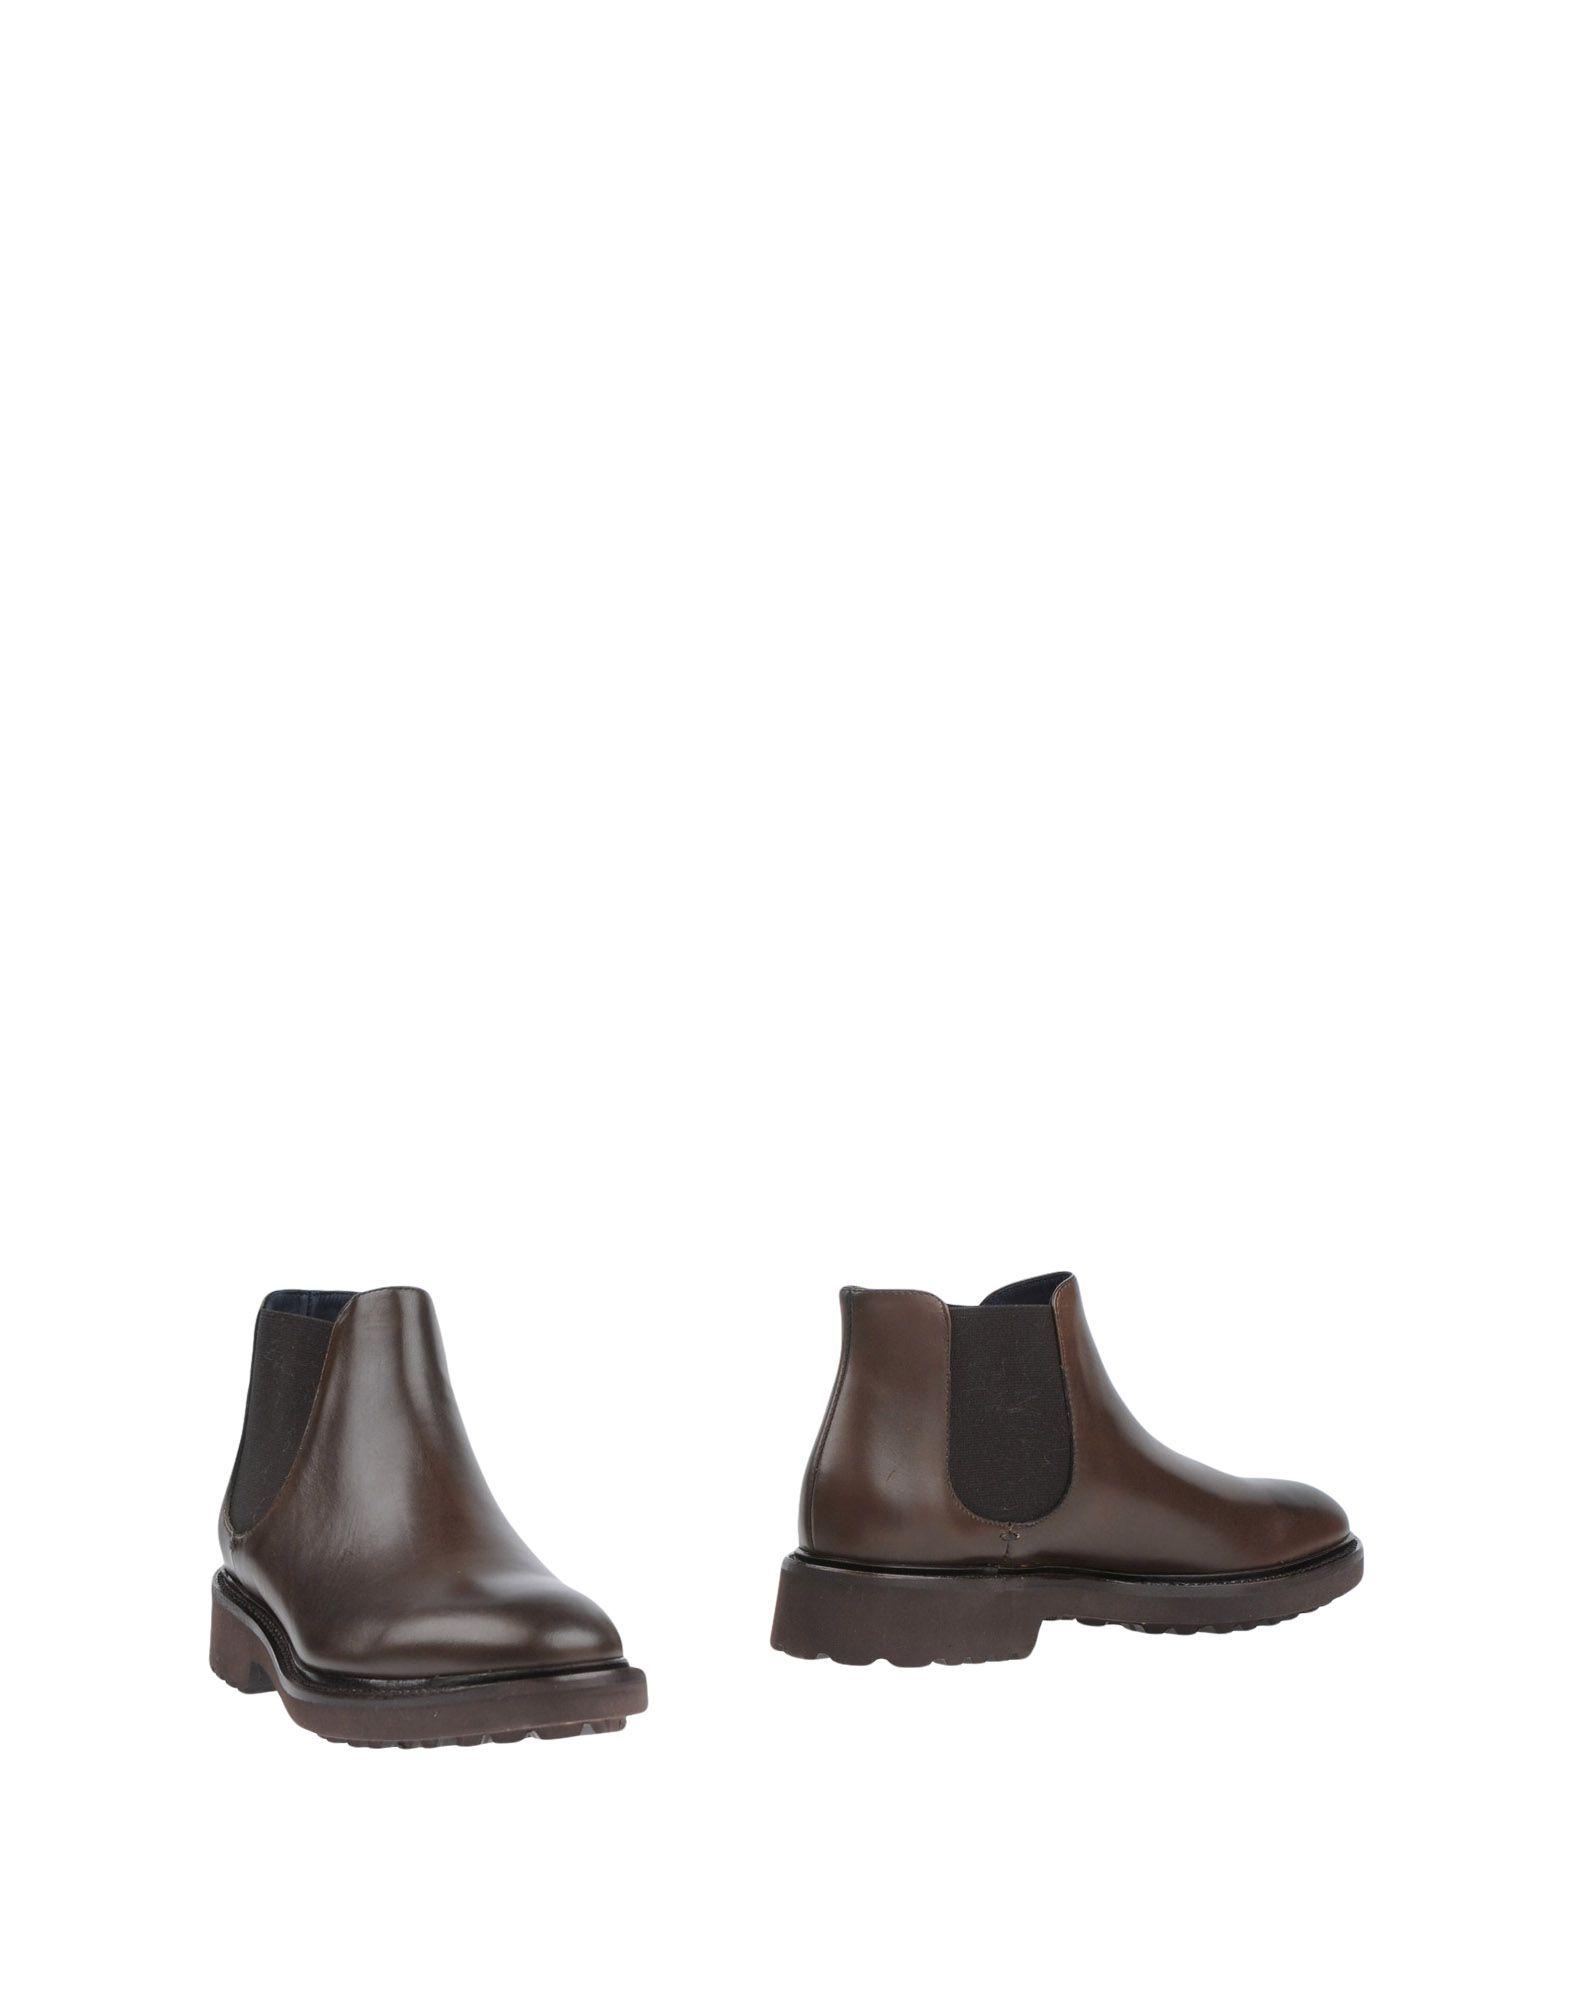 Stilvolle Chelsea billige Schuhe Doucal's Chelsea Stilvolle Boots Damen  11330732FI c3dbc2